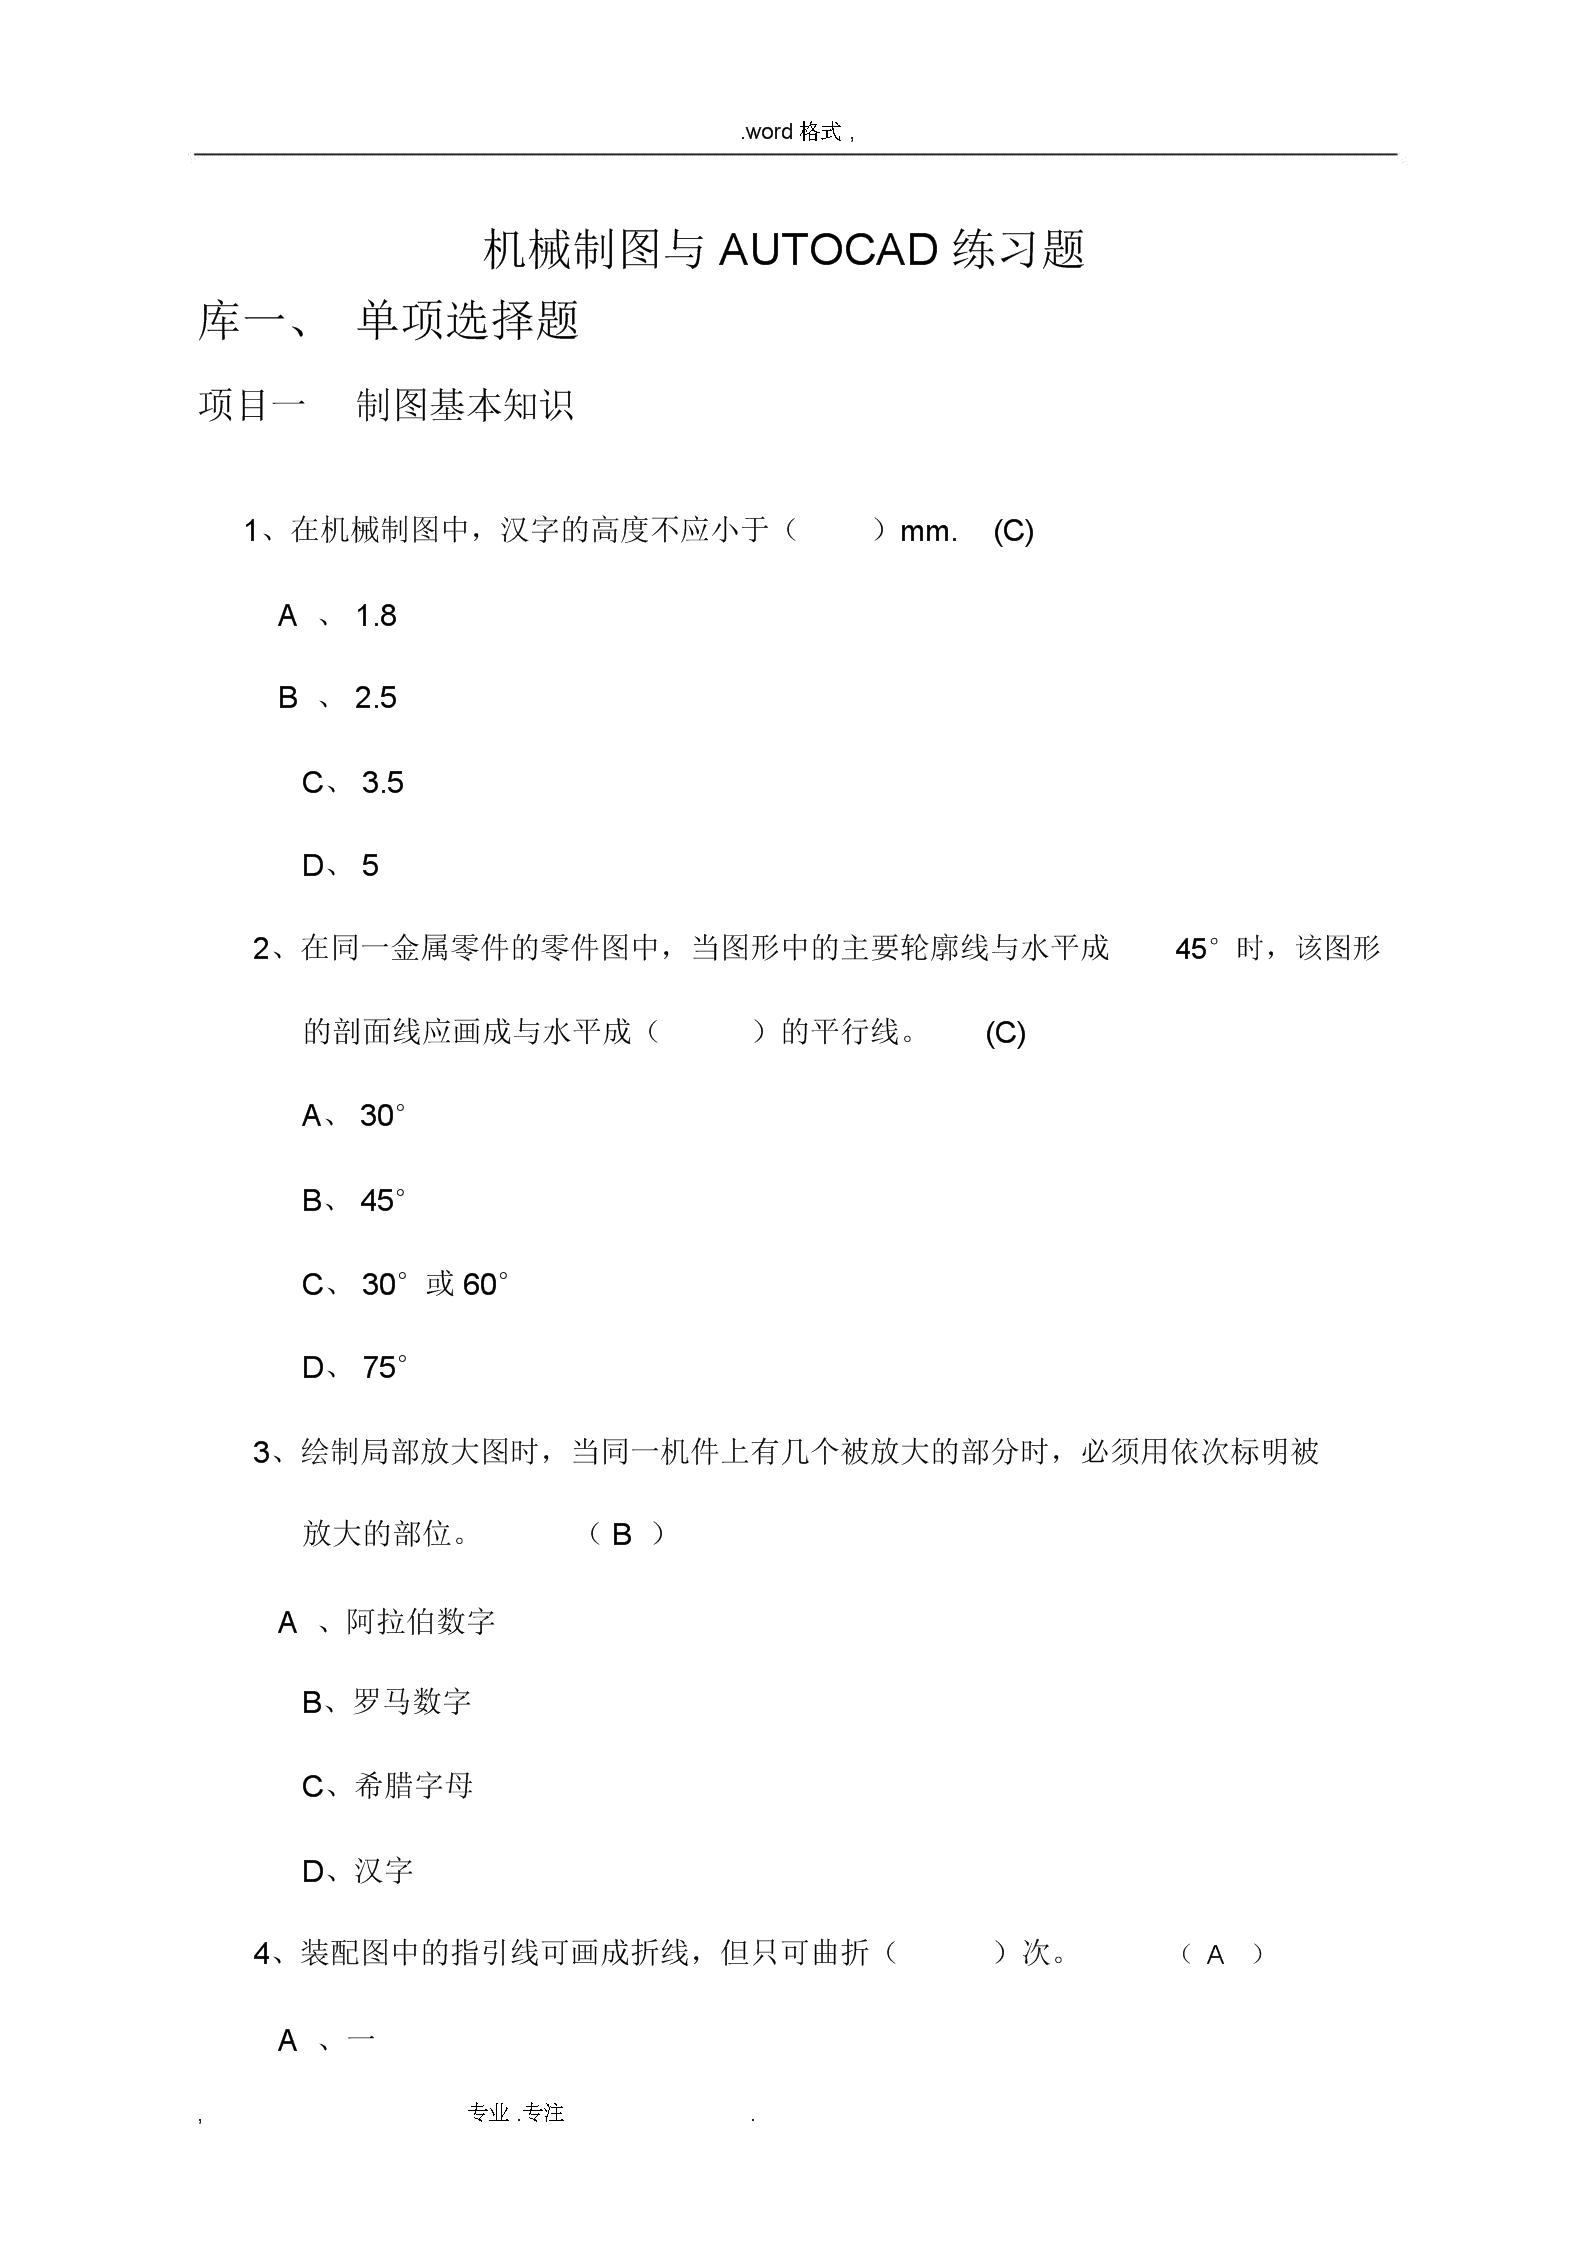 机械制图与AUTOCAD理论试题.docx